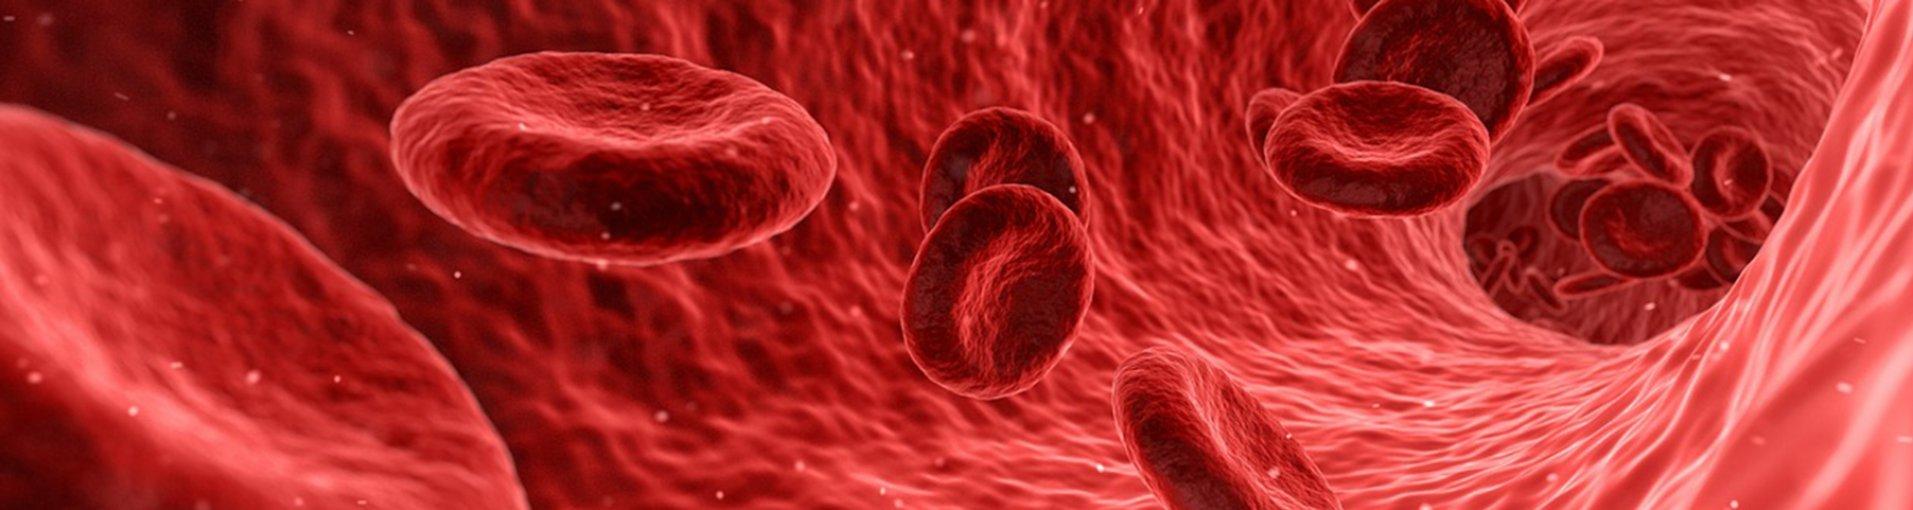 hpv sárga spermium